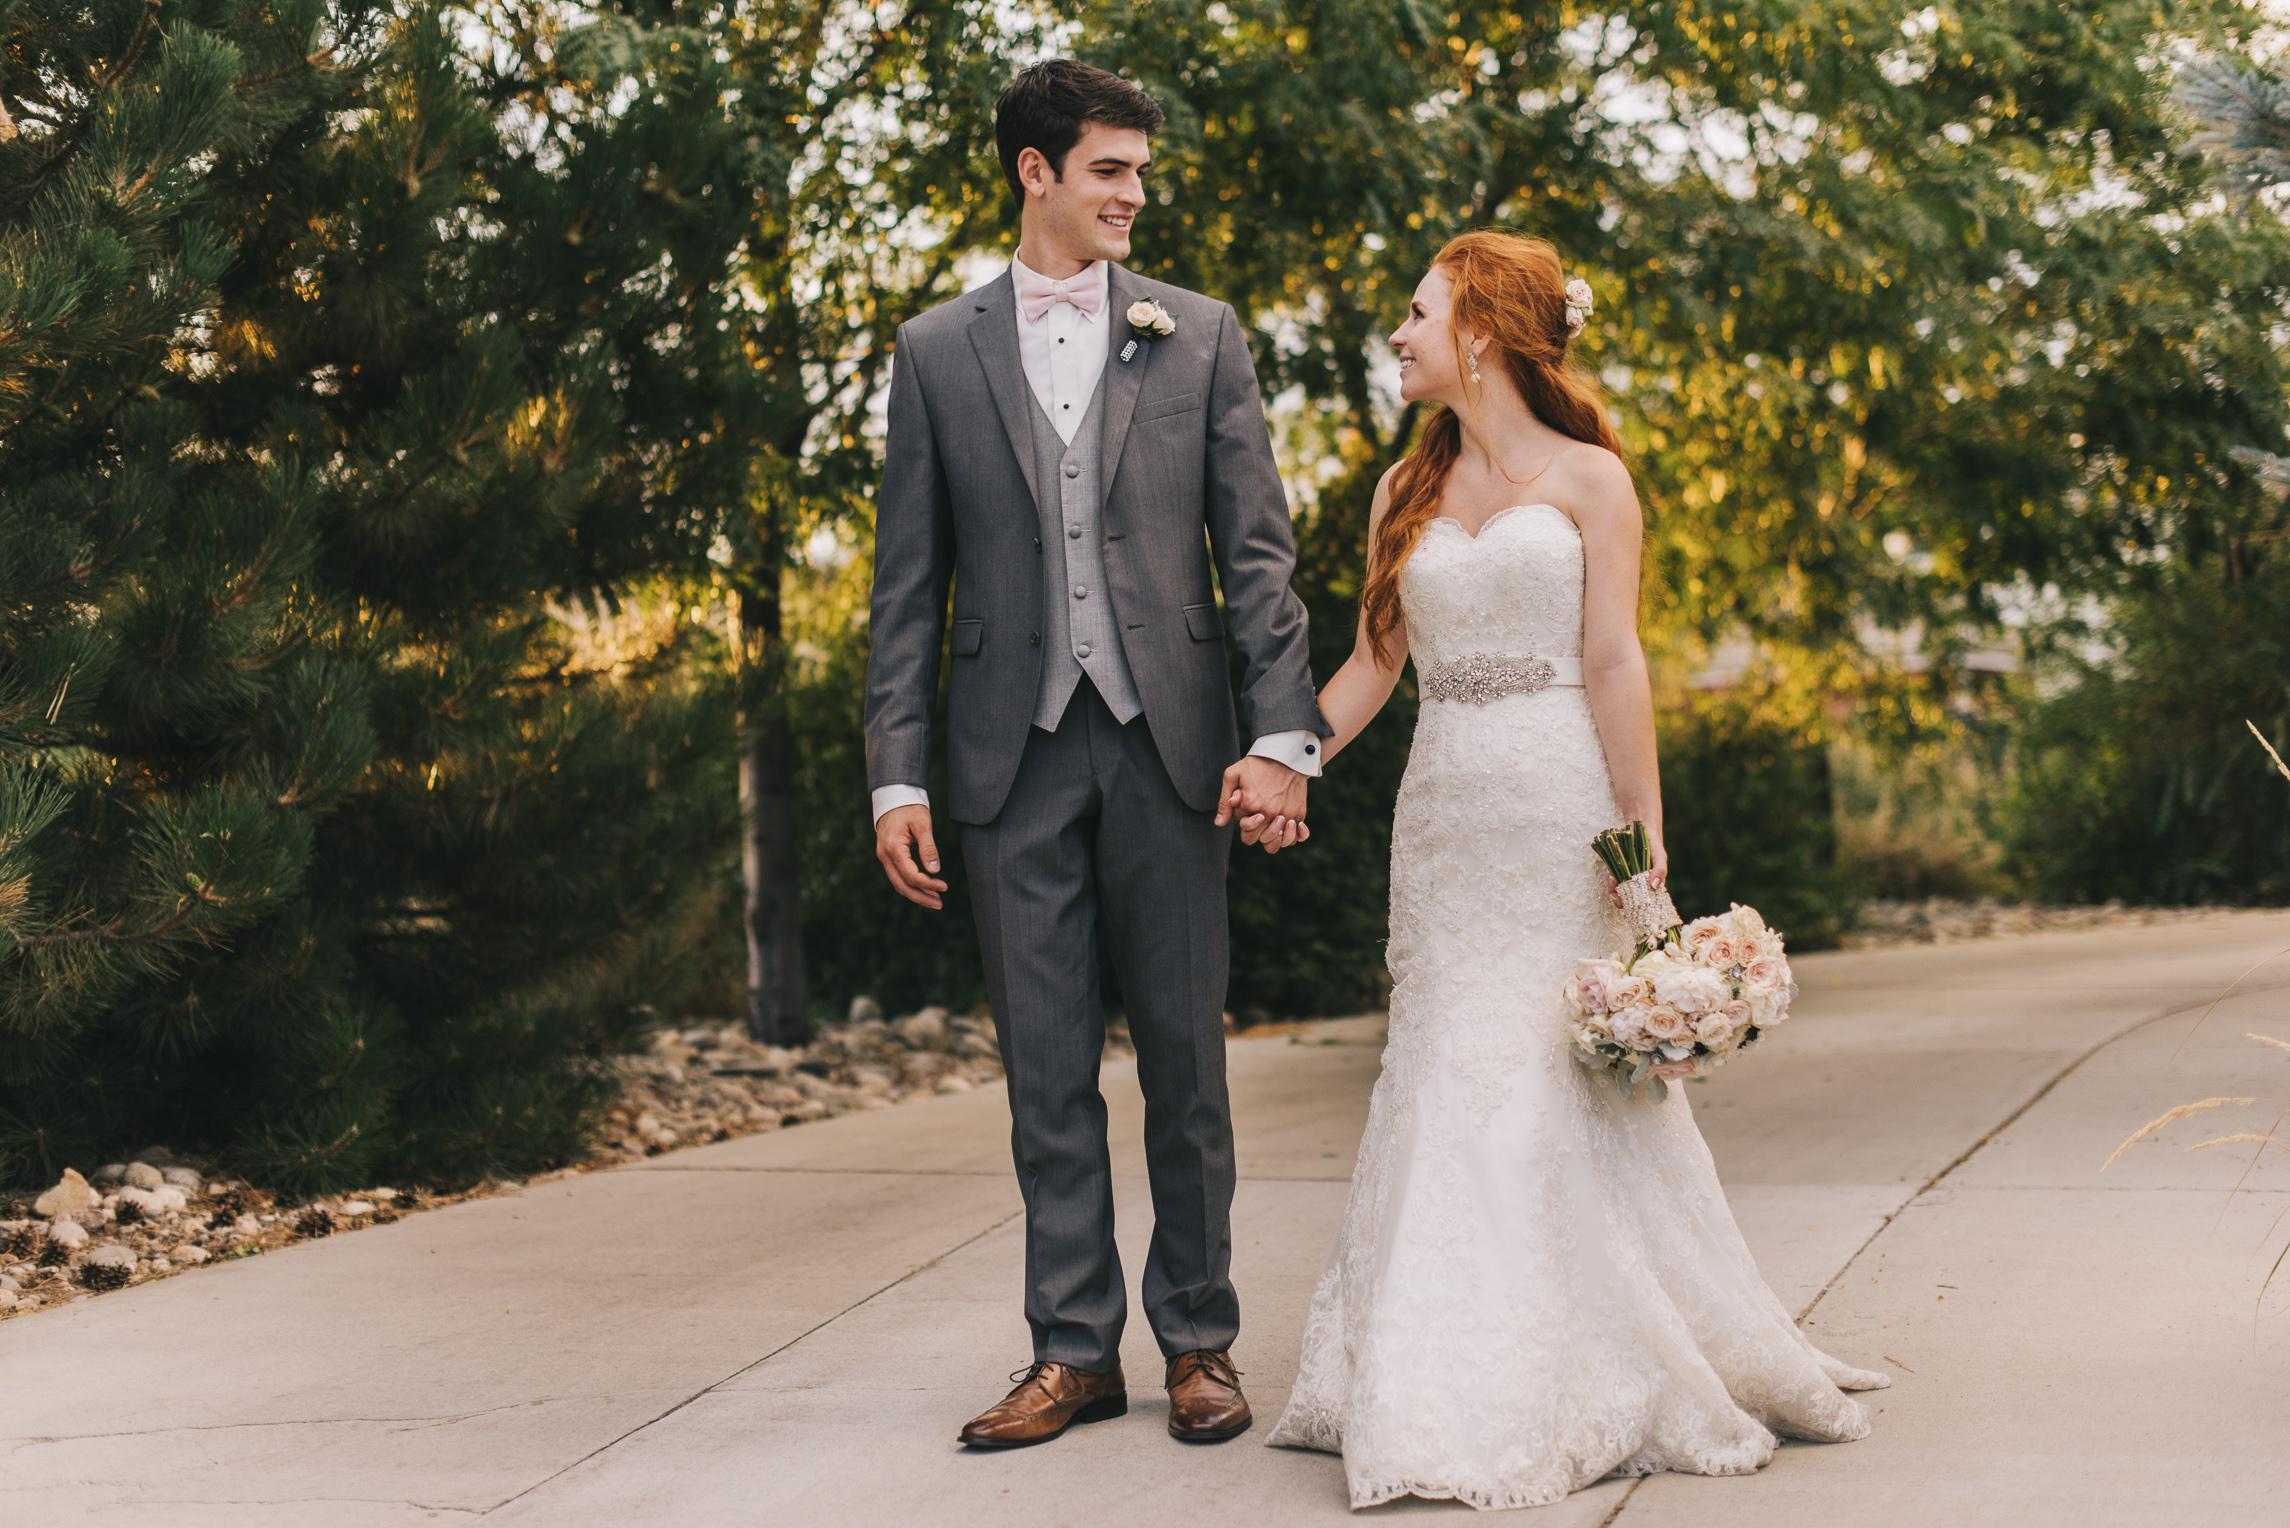 web sized images -- no to print --CALVIN & MCKYLEY WEDDING PHOTOS - COLORADO PHOTOGRAPHER - DEBI RAE PHOTOGRAPHY-2905.jpg